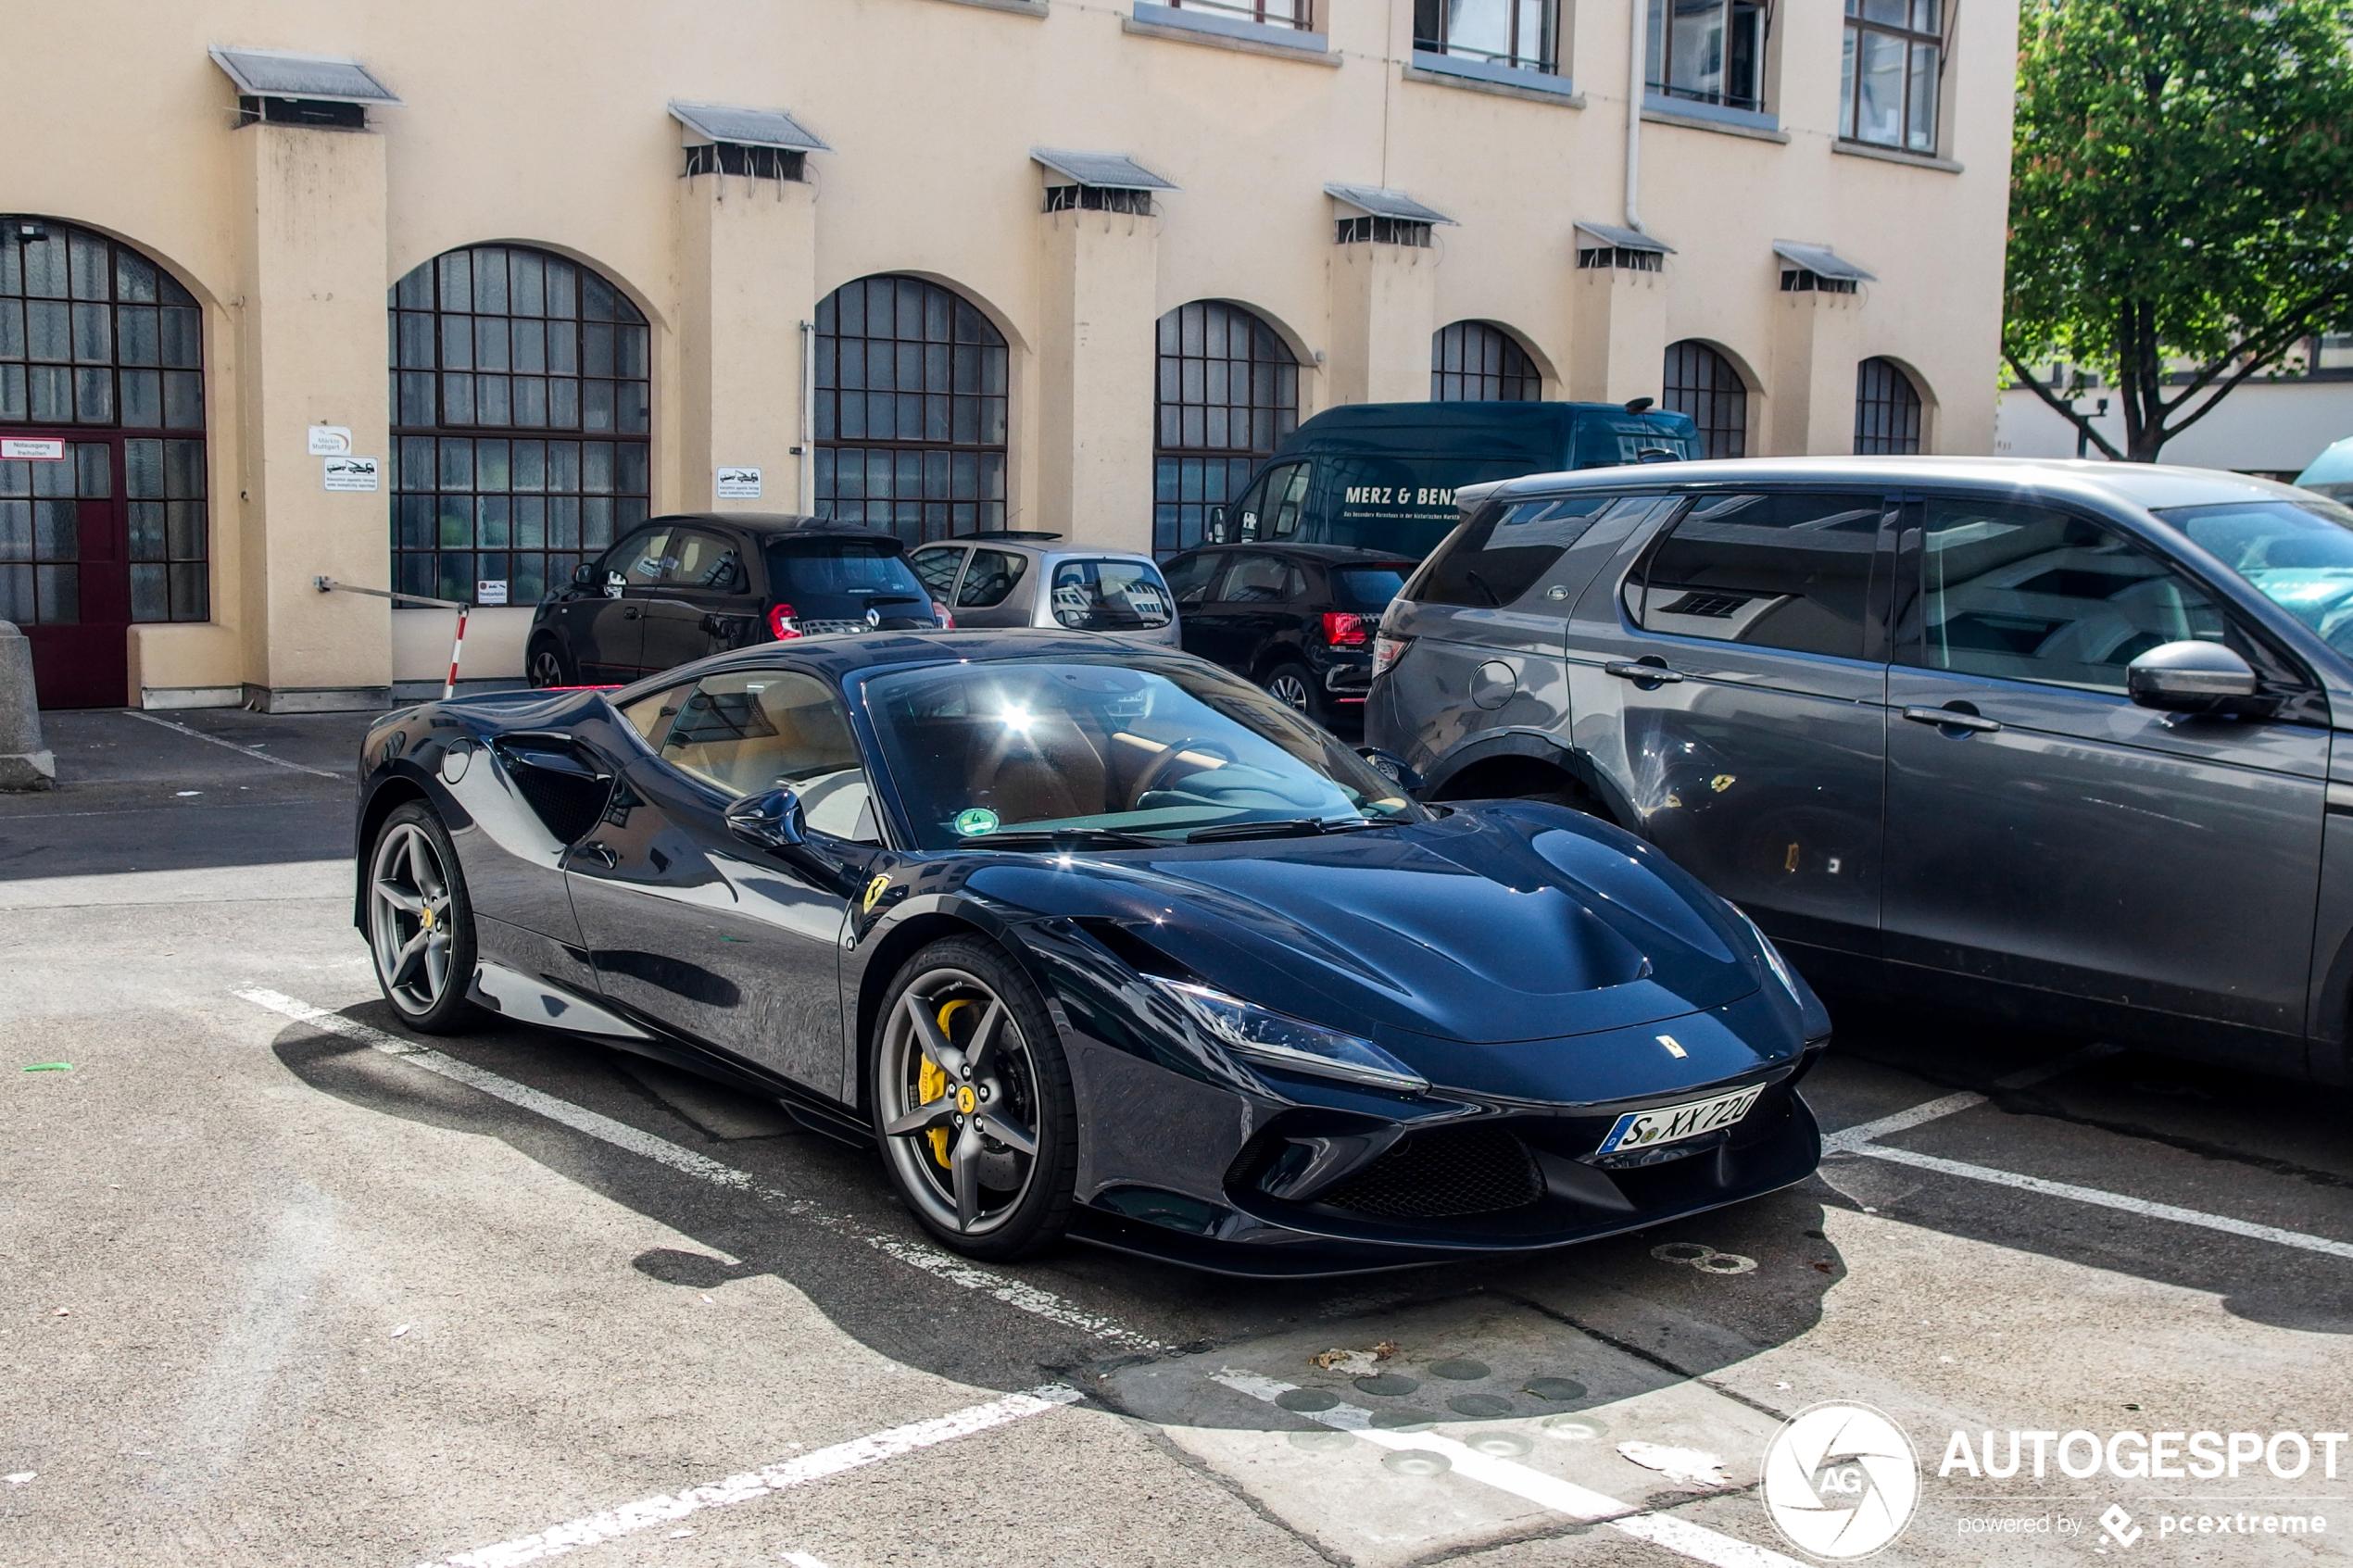 Ferrari F8 Tributo 16 April 2020 Autogespot